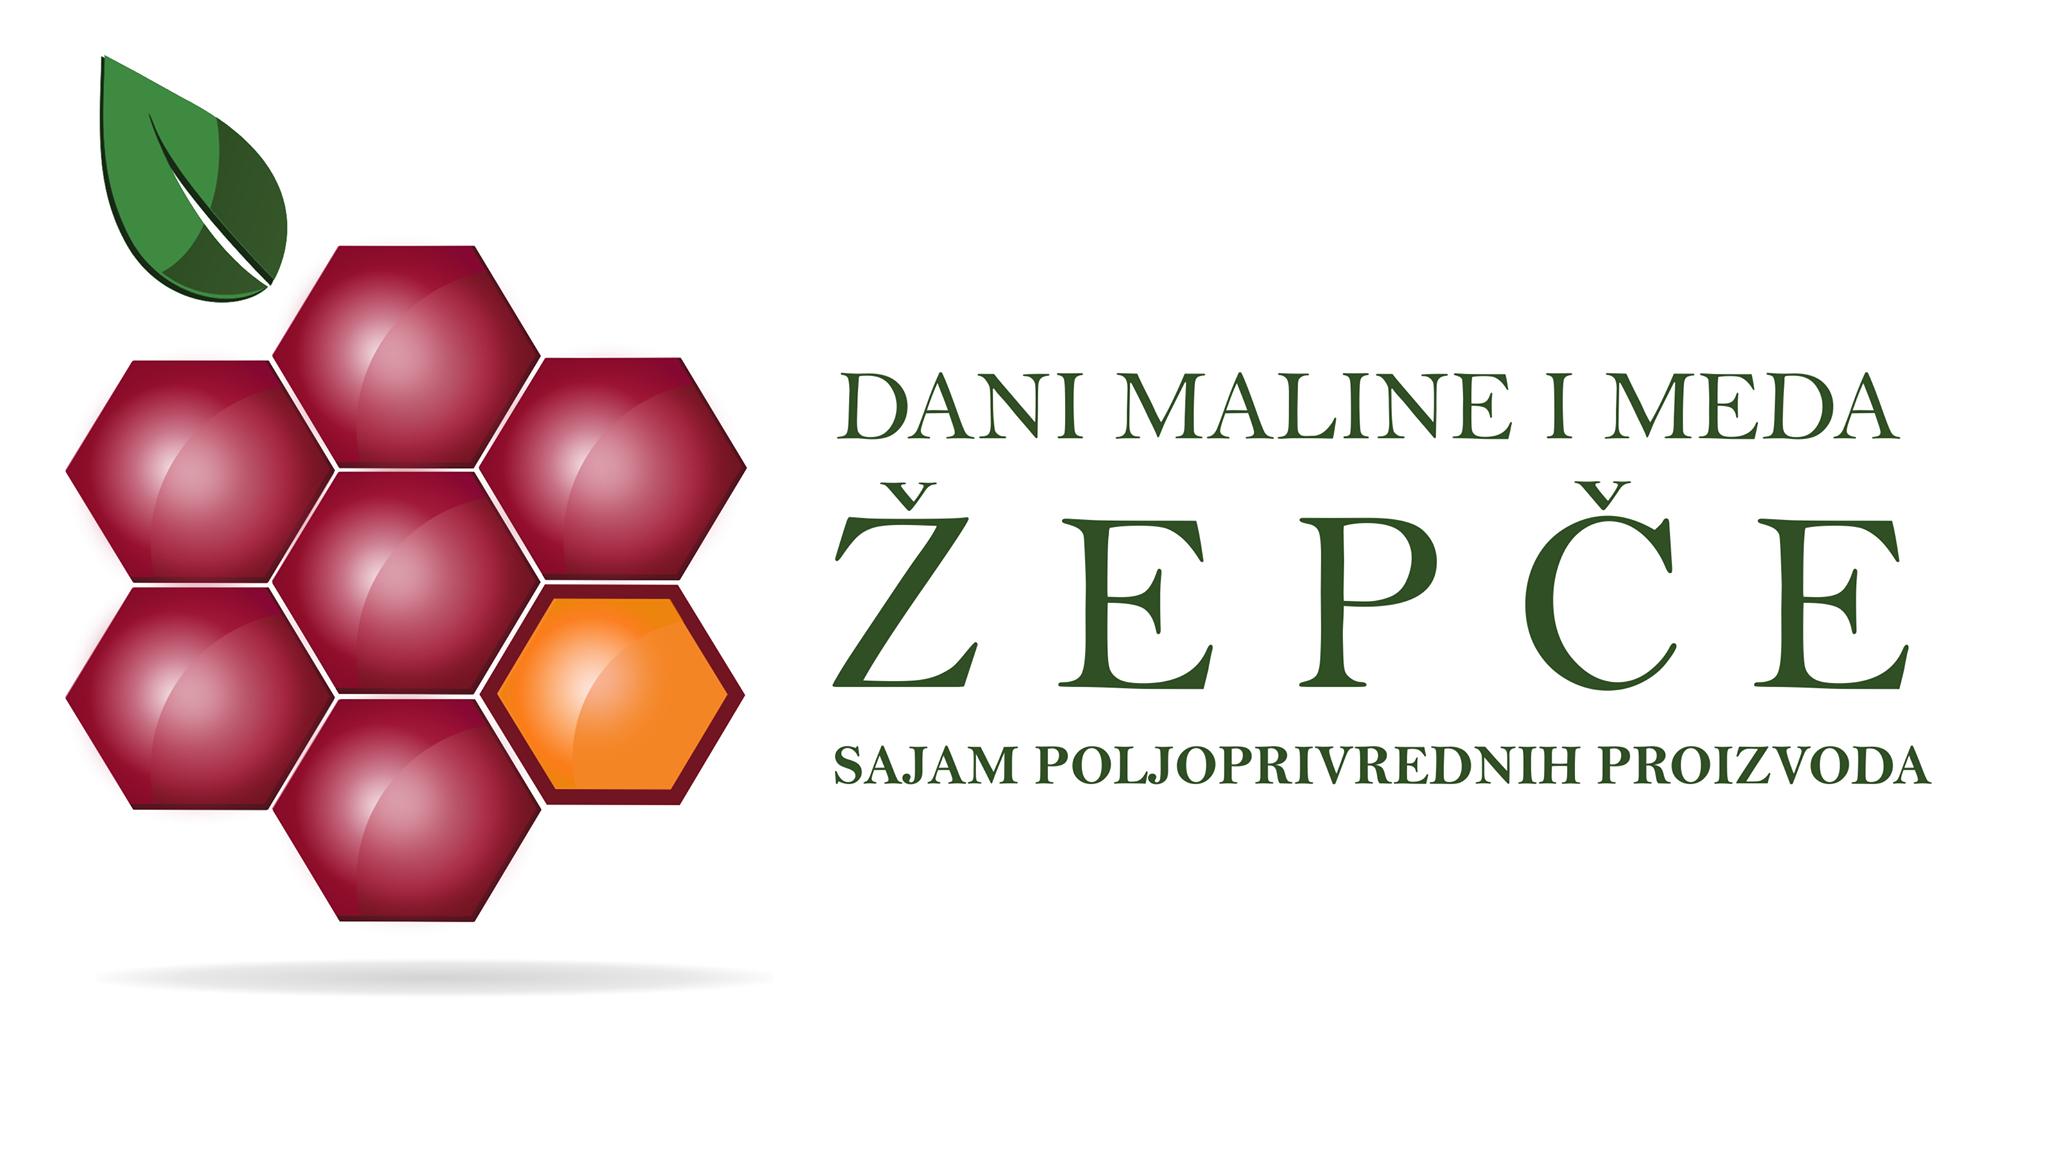 Dani maline i meda Žepče 2018.